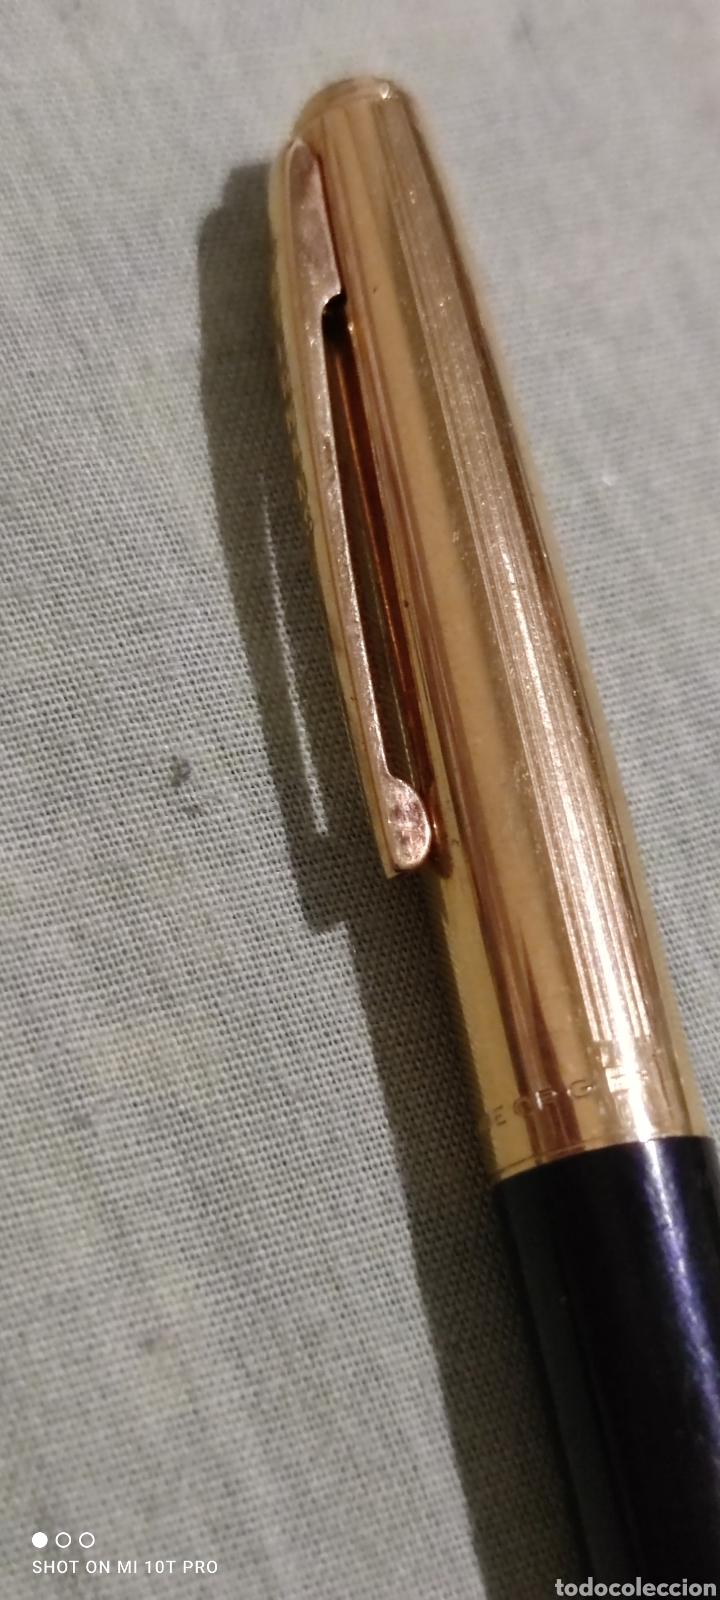 Plumas estilográficas antiguas: Pluma Waterman - Foto 12 - 293662468